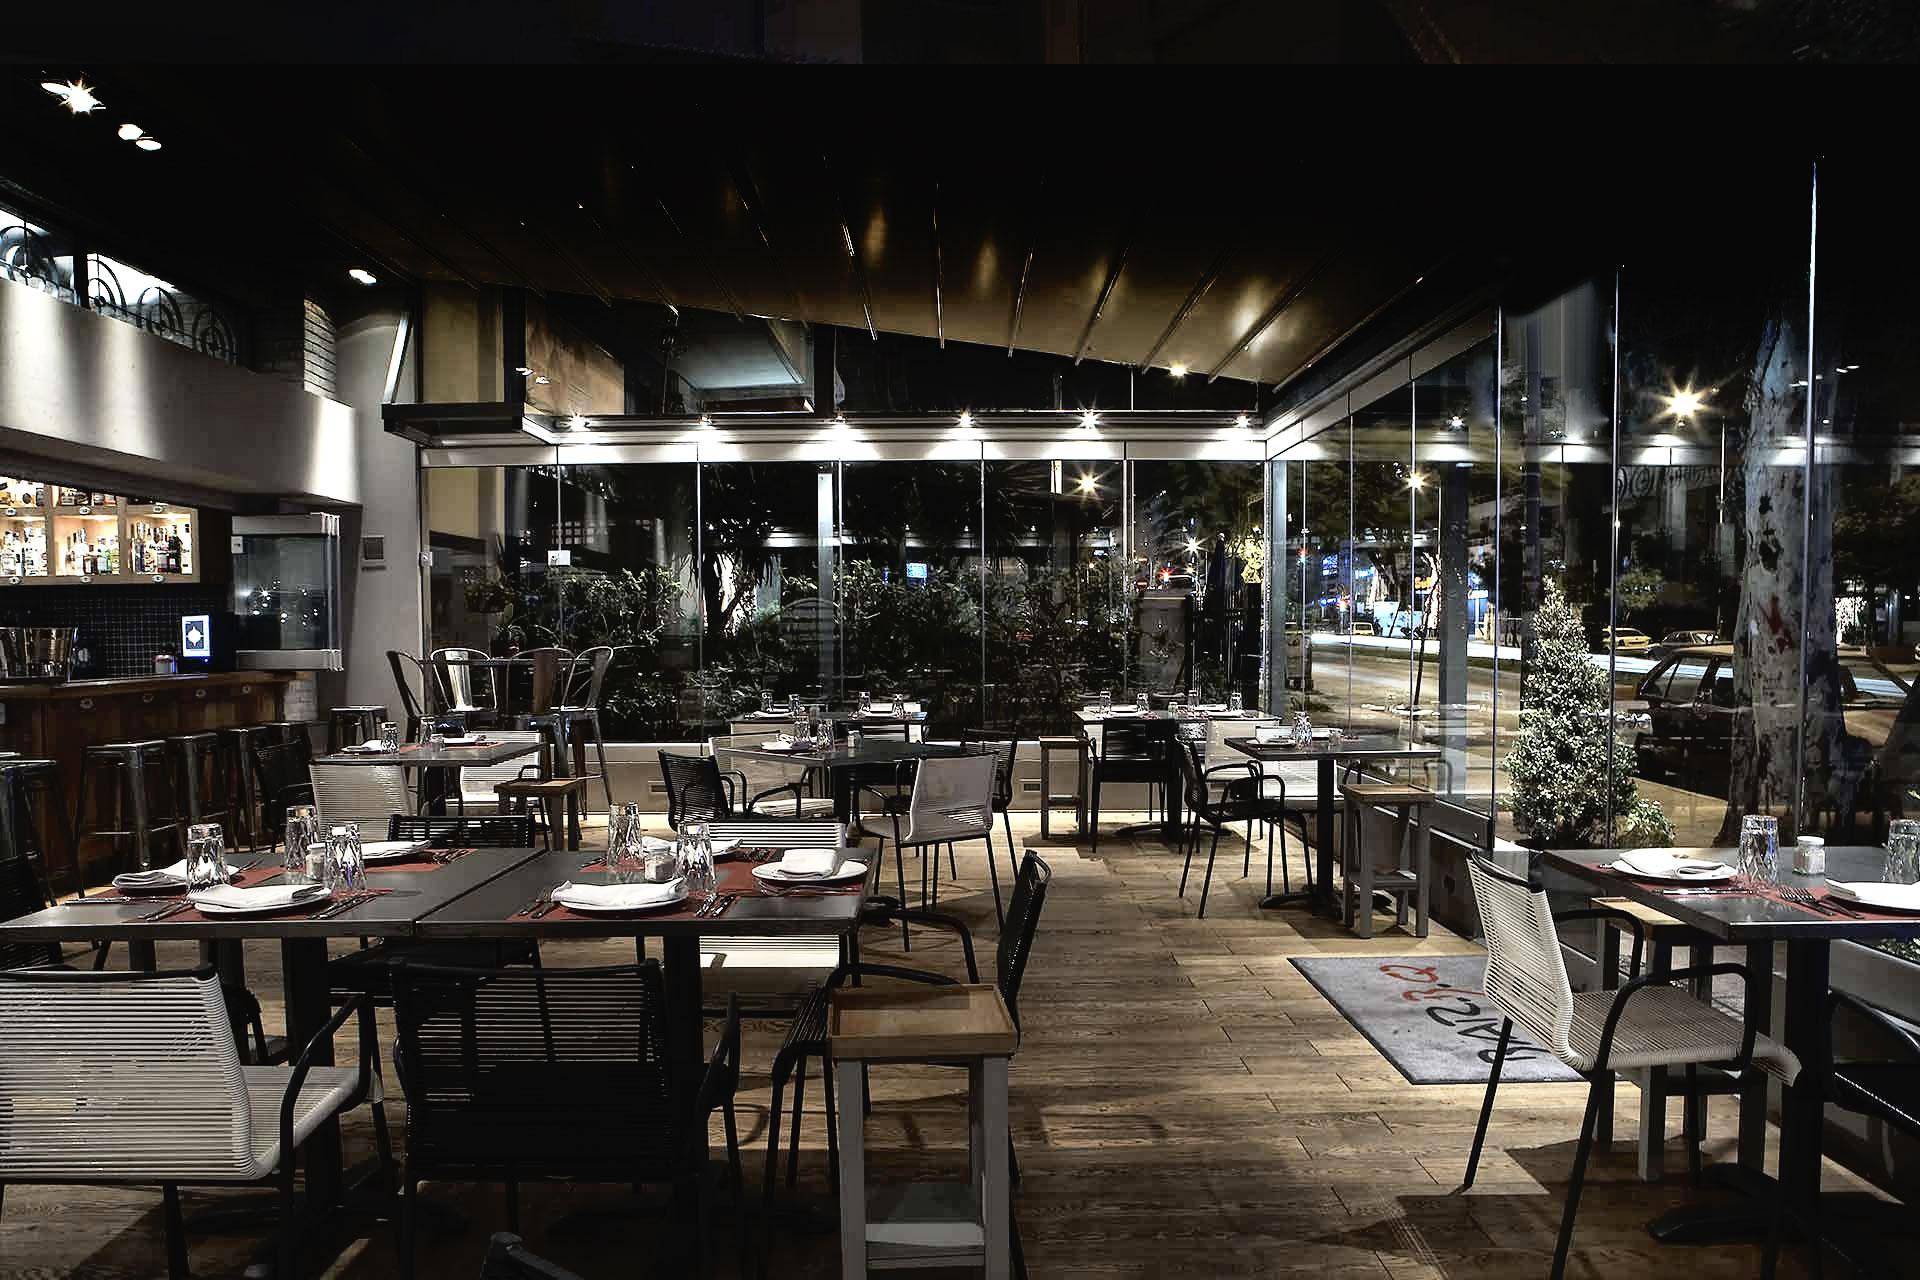 Η ατμόσφαιρα του εστιατορίου